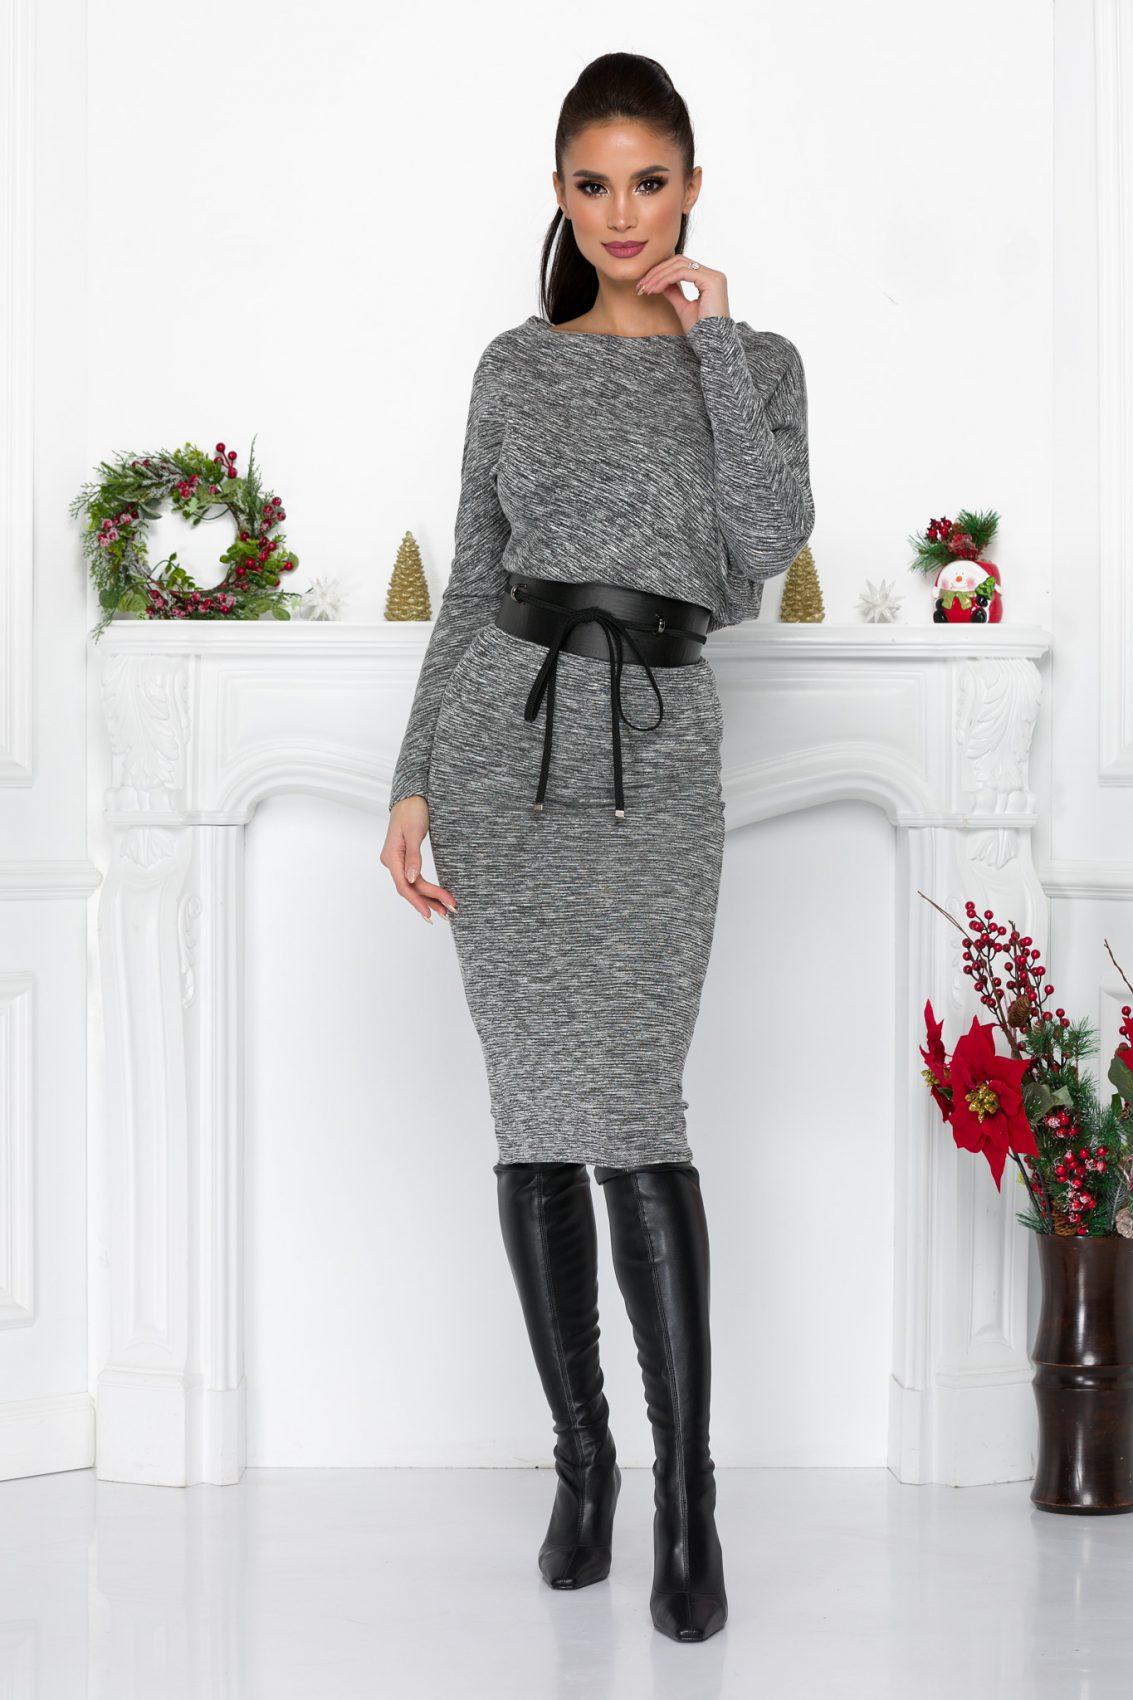 Γκρι Πλεκτό Φόρεμα Με Ζώνη Adyn 9011 2